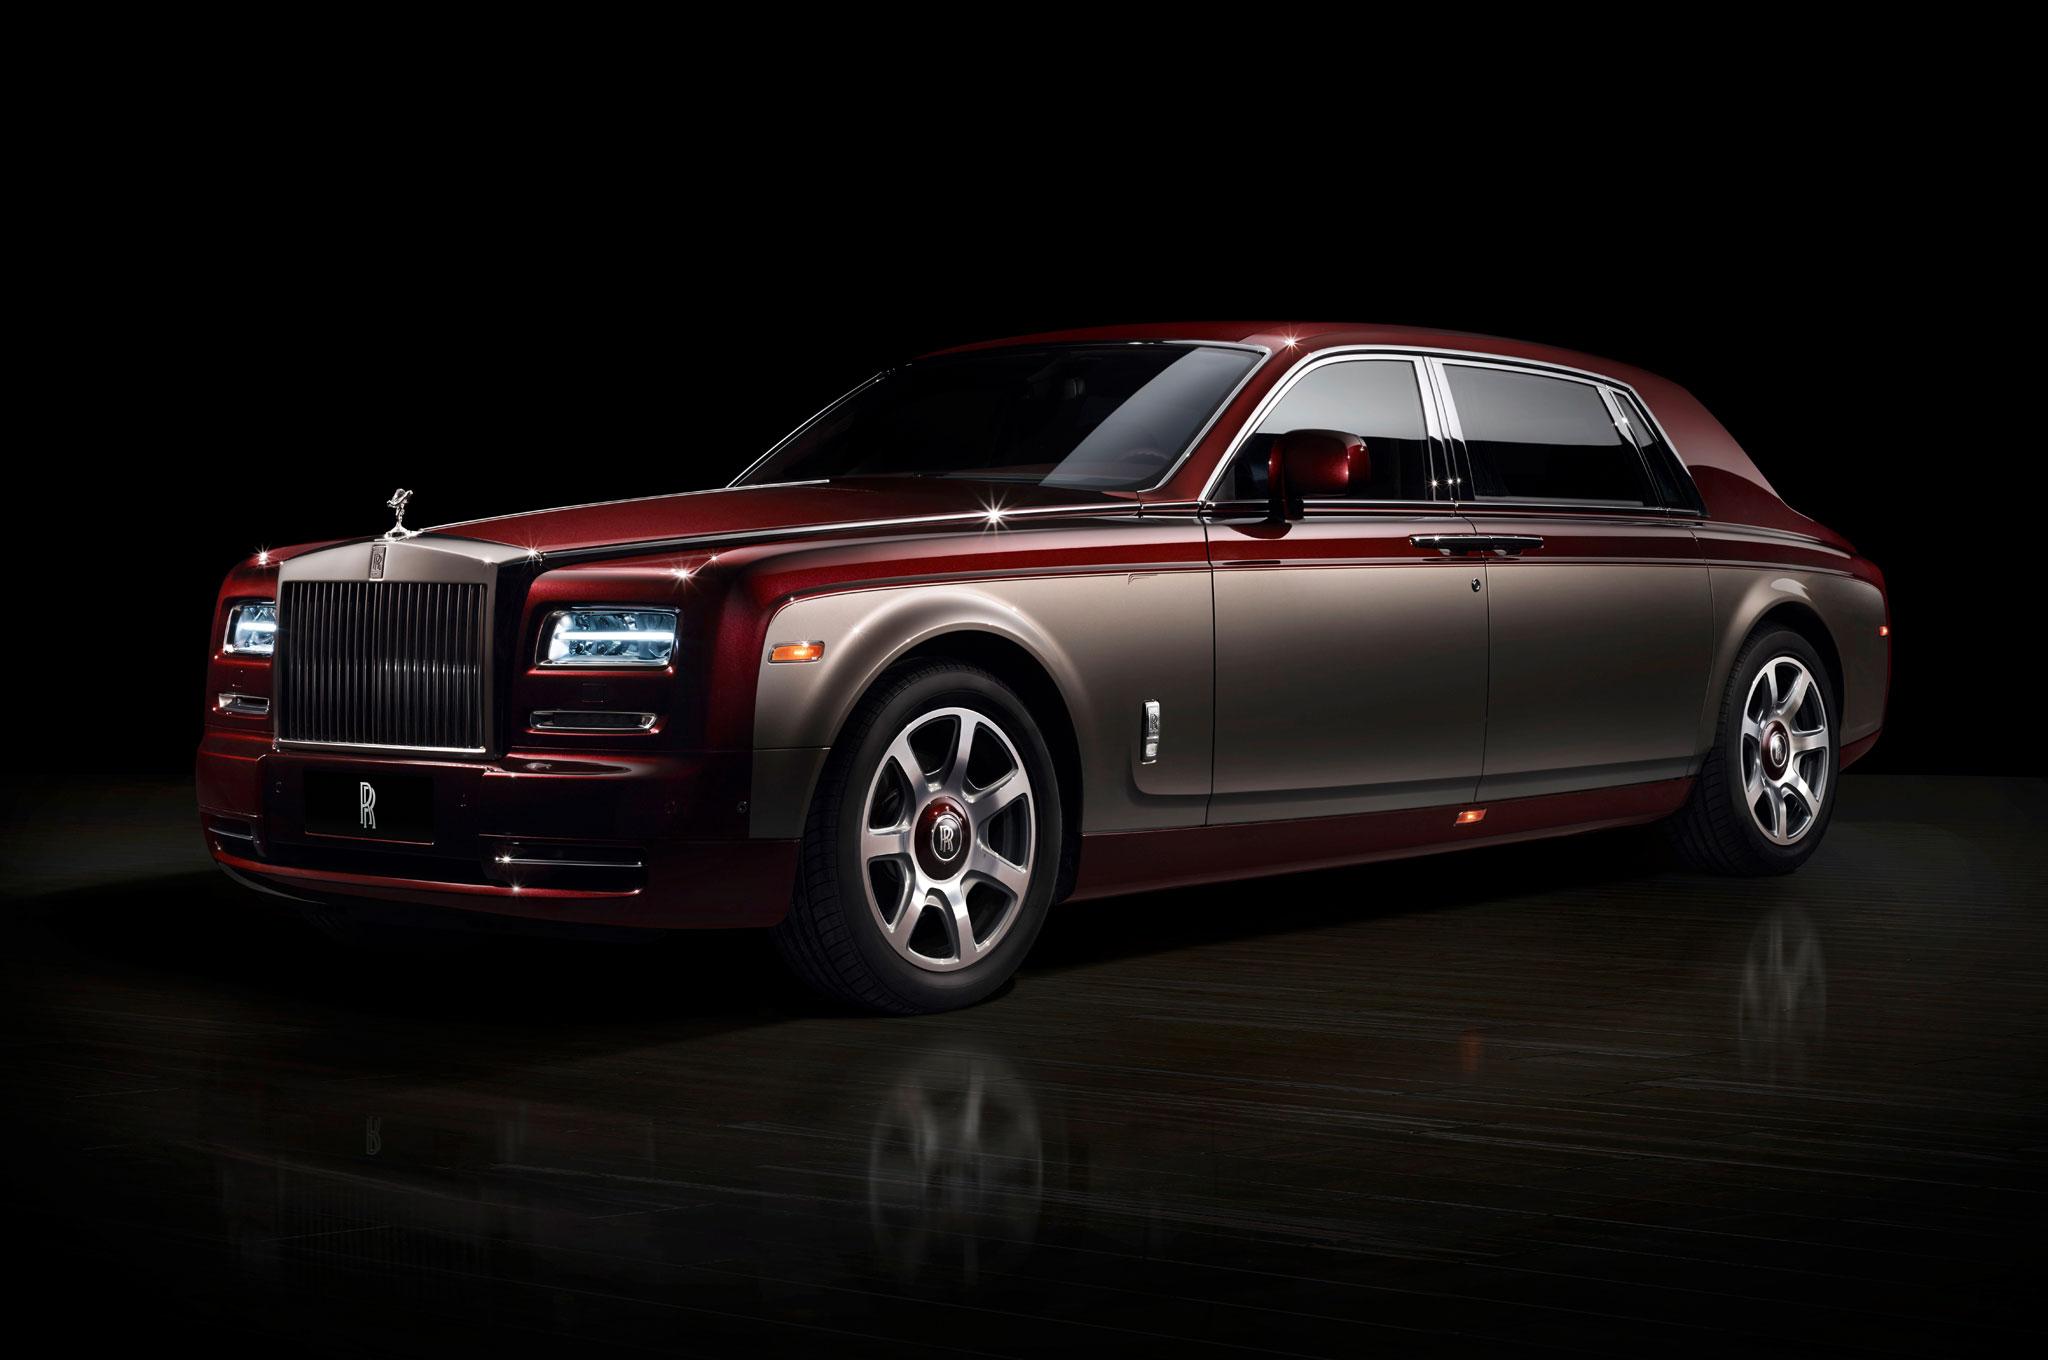 Rolls Royce Phantom Pinnacle Travel Front Side Studio View1